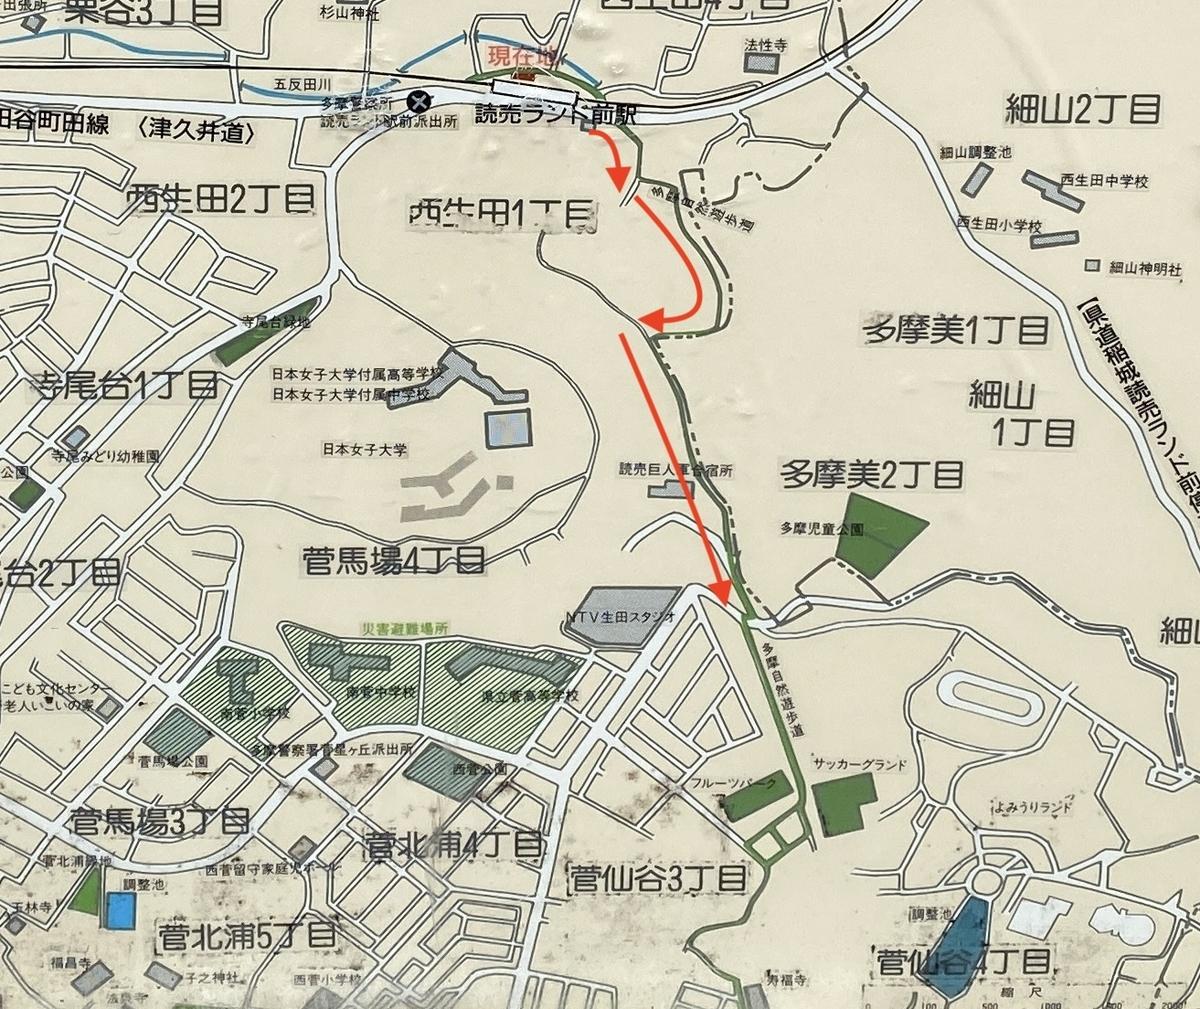 地図上での多摩自然遊歩道の道のり